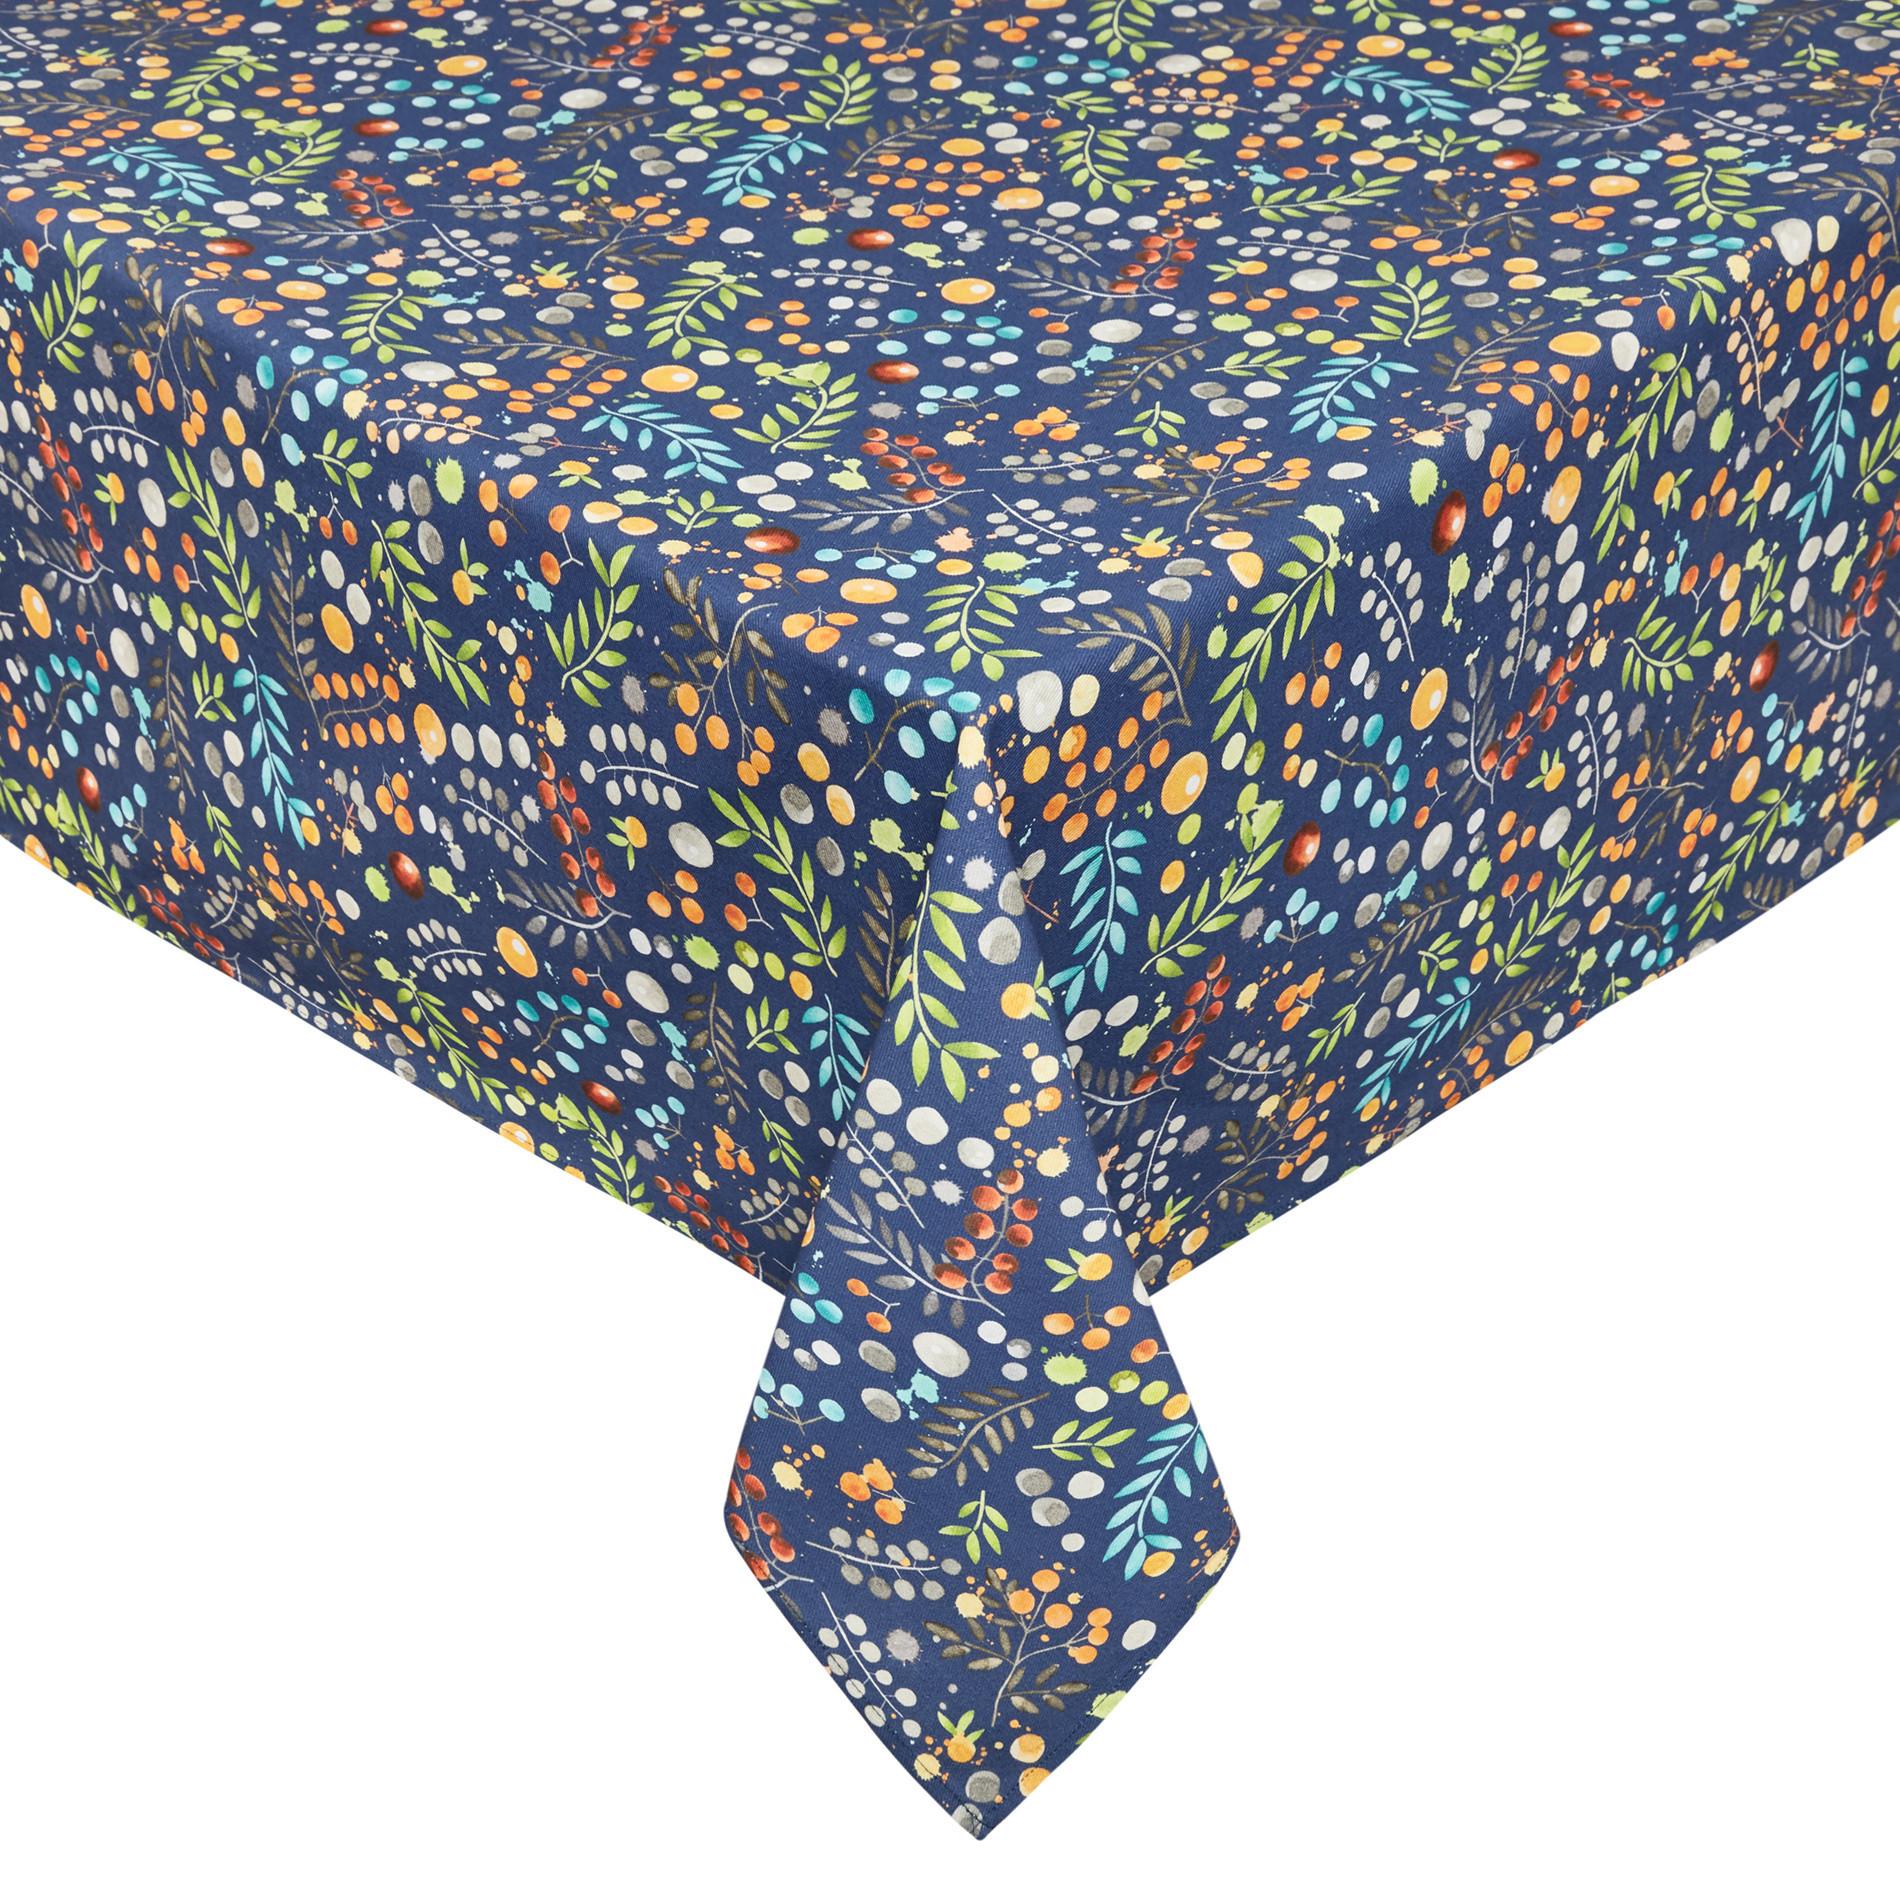 Tovaglia twill di cotone idrorepellente stampa fiori, Blu, large image number 0